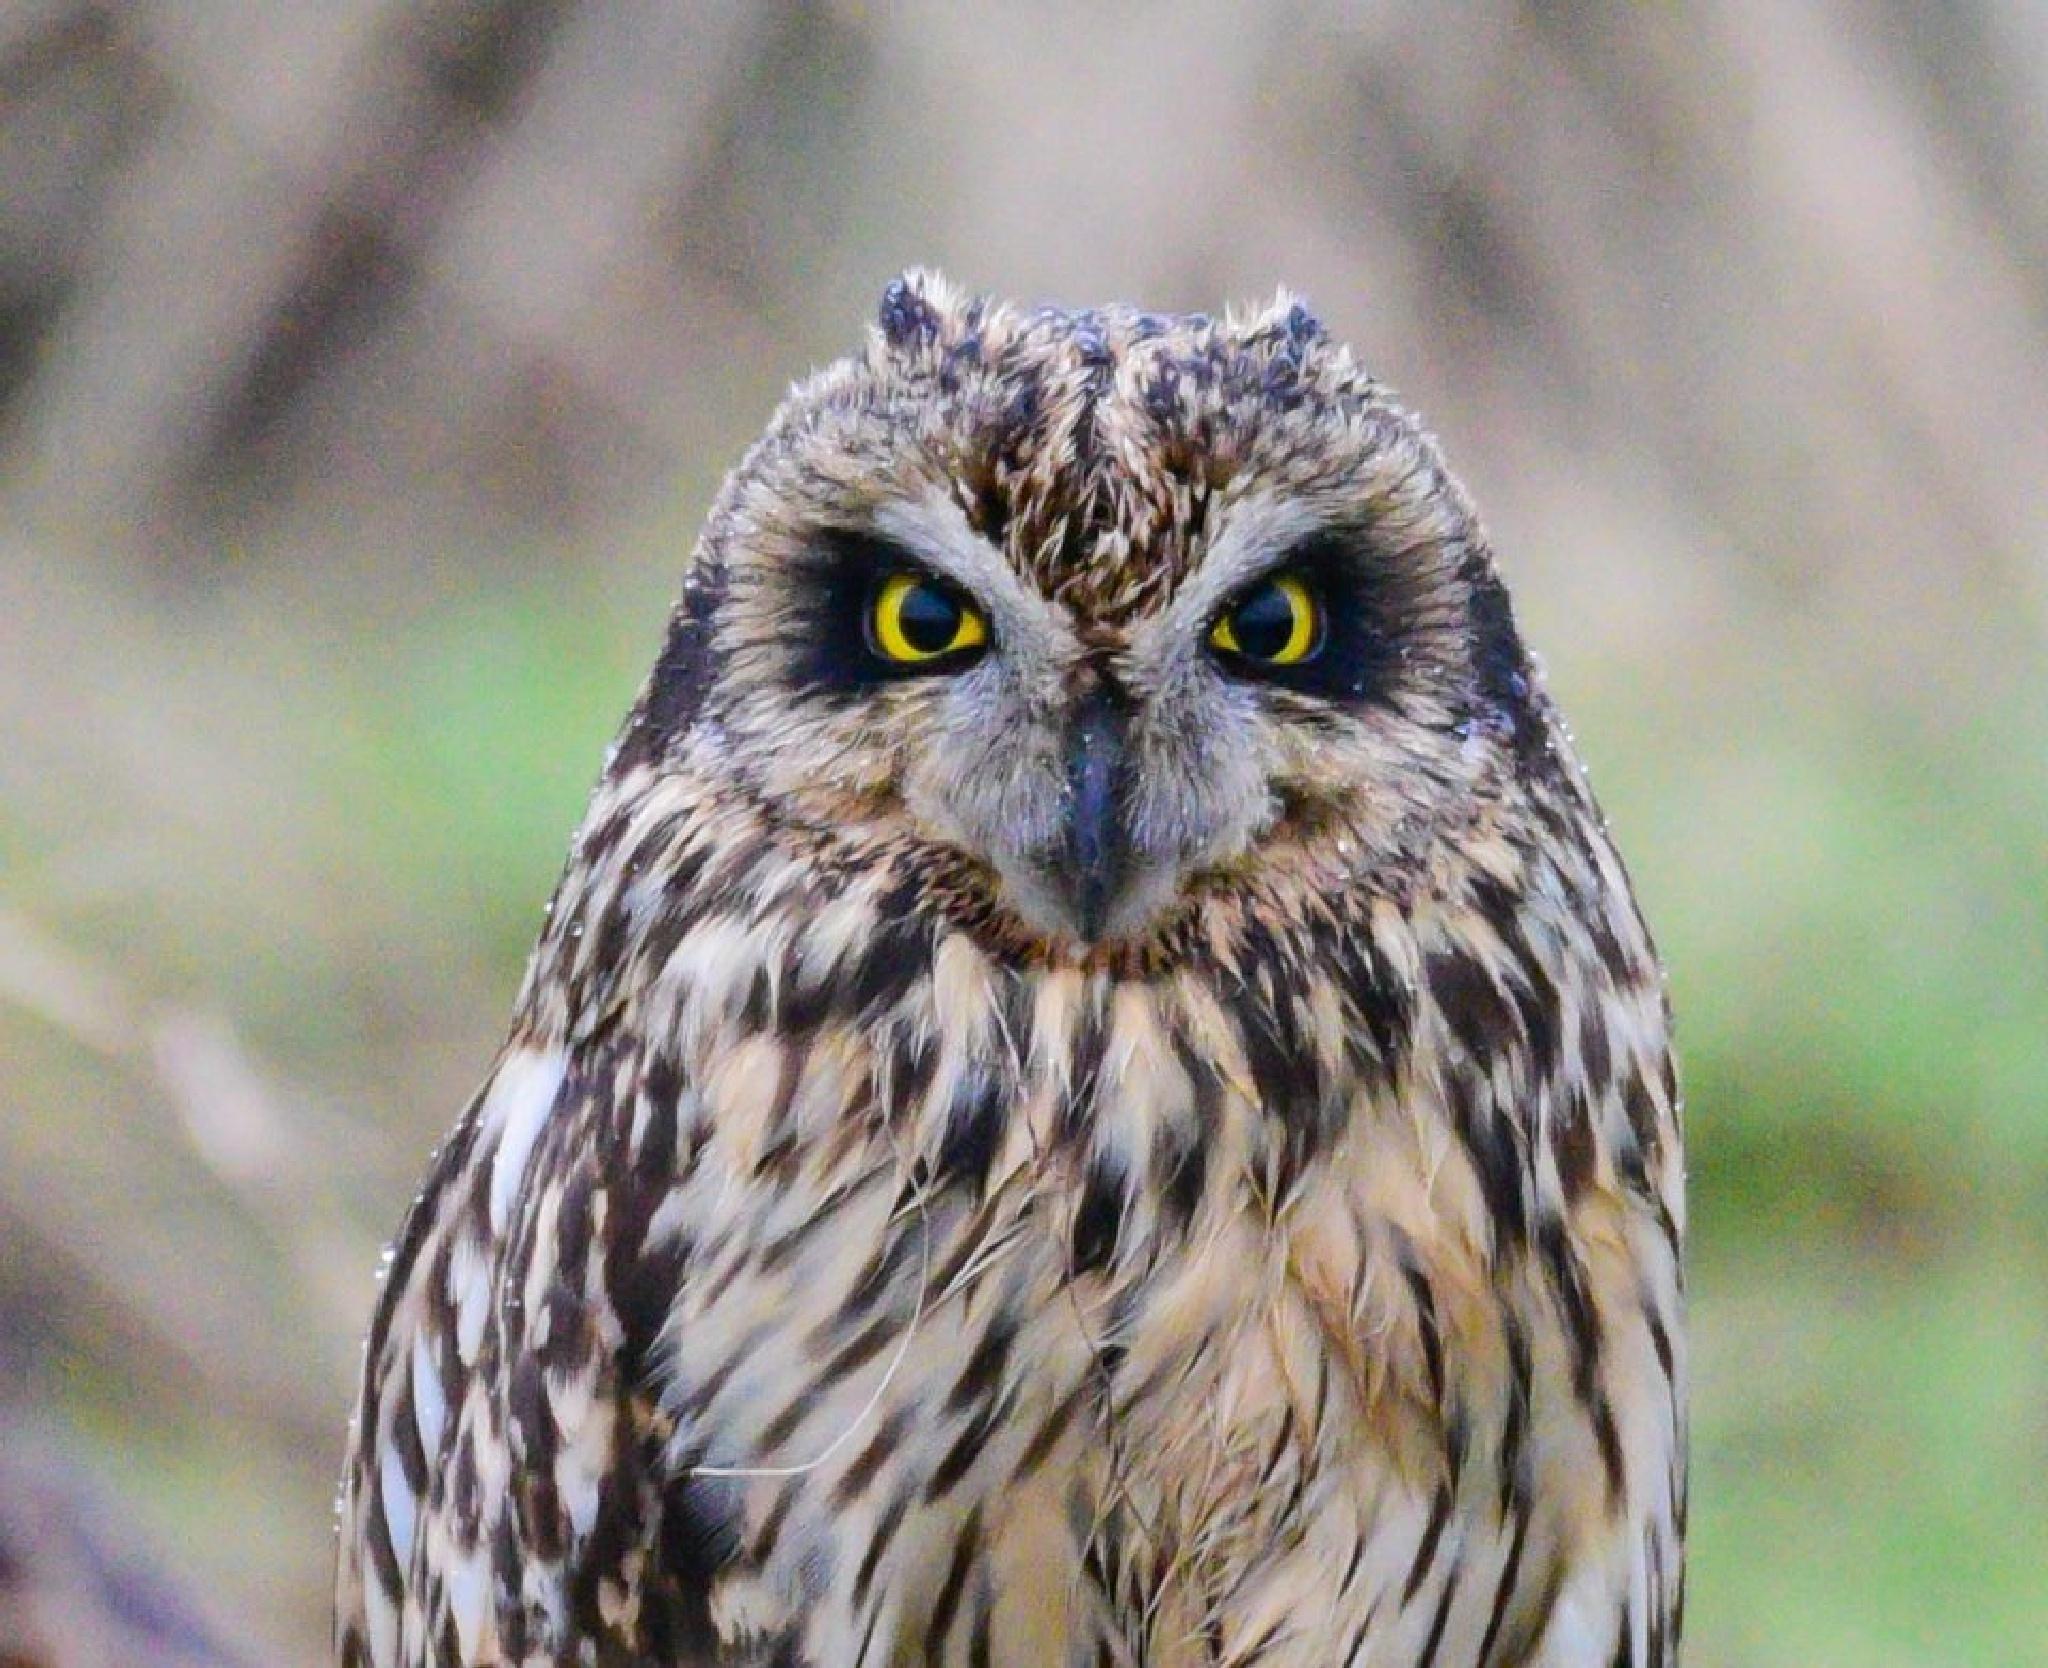 Short Eared Owl (Wild) by gazclarke1974